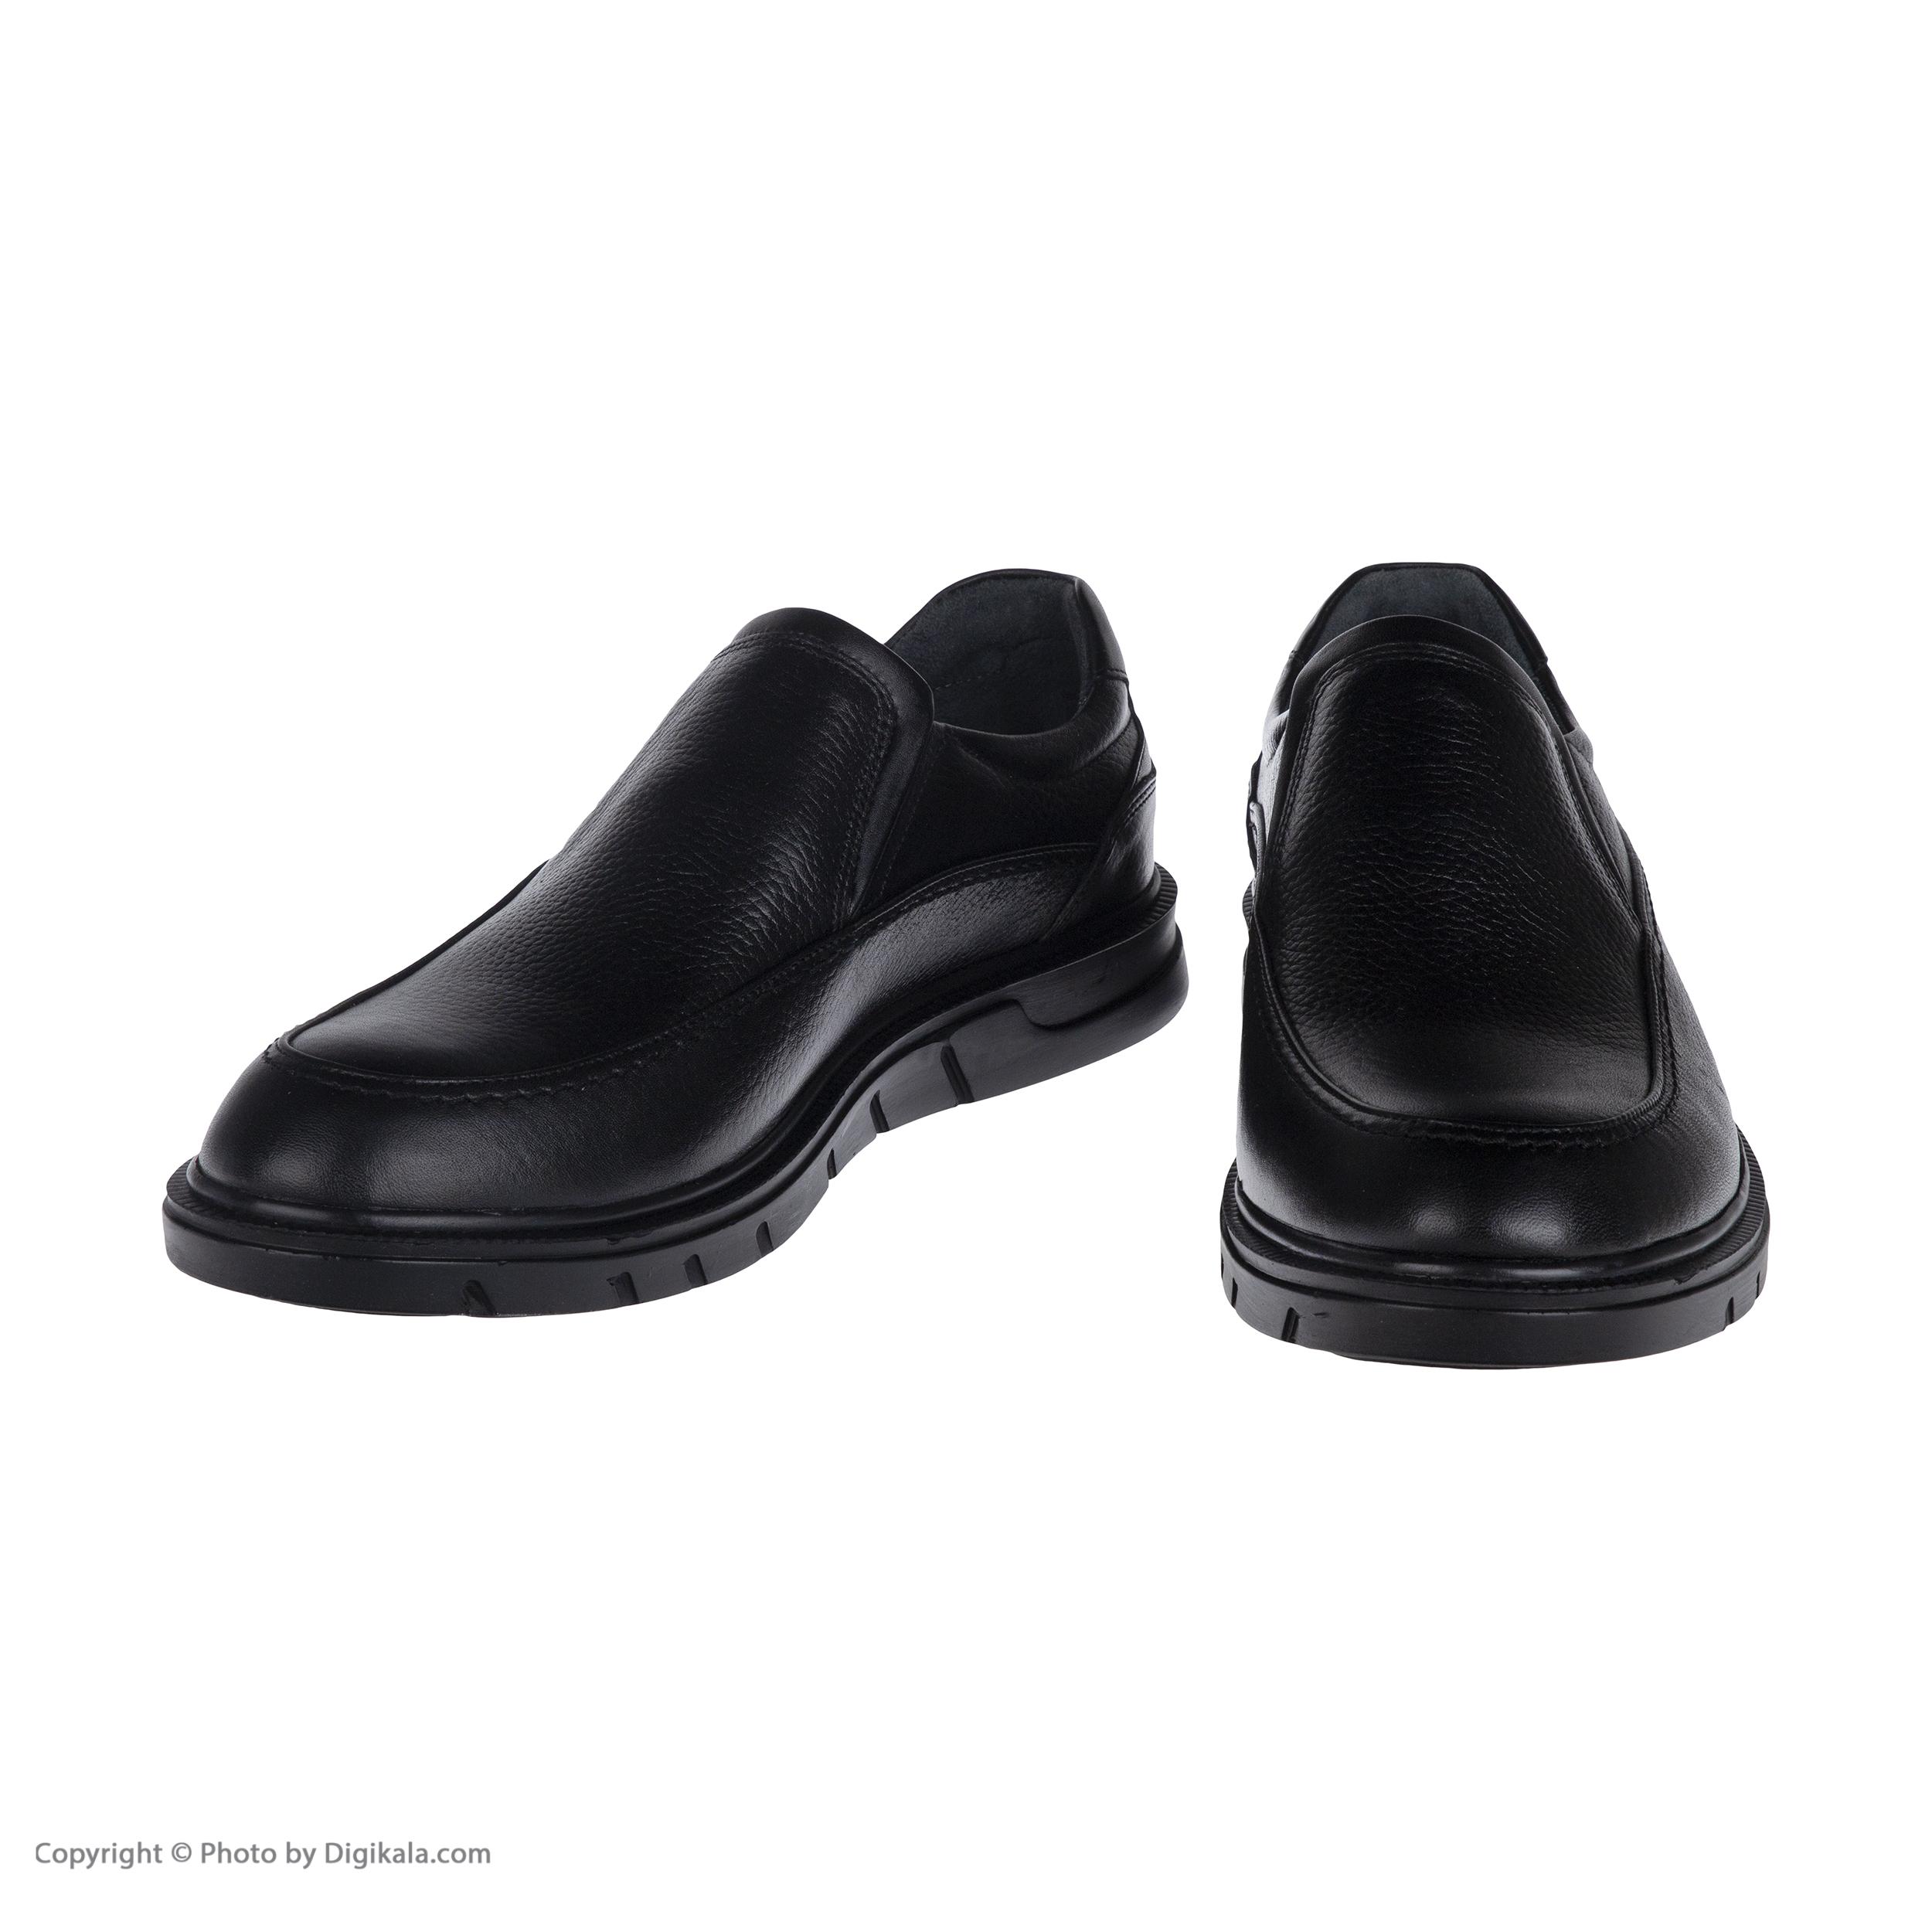 کفش روزمره مردانه بلوط مدل 7240A503101 -  - 6